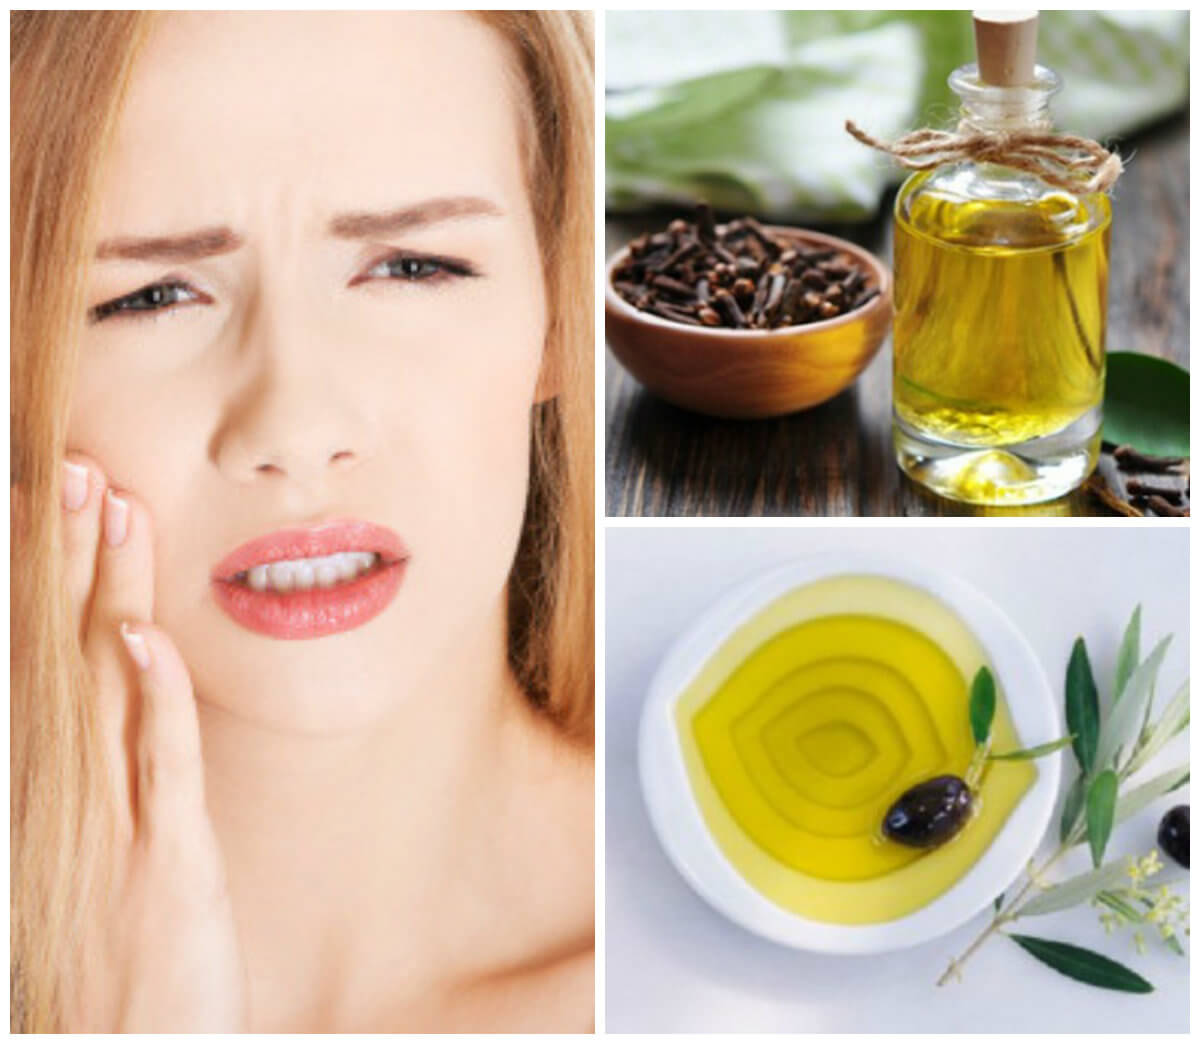 Cách chữa đau nhức răng hiệu quả tại nhà từ dầu ô-liu và đinh hương